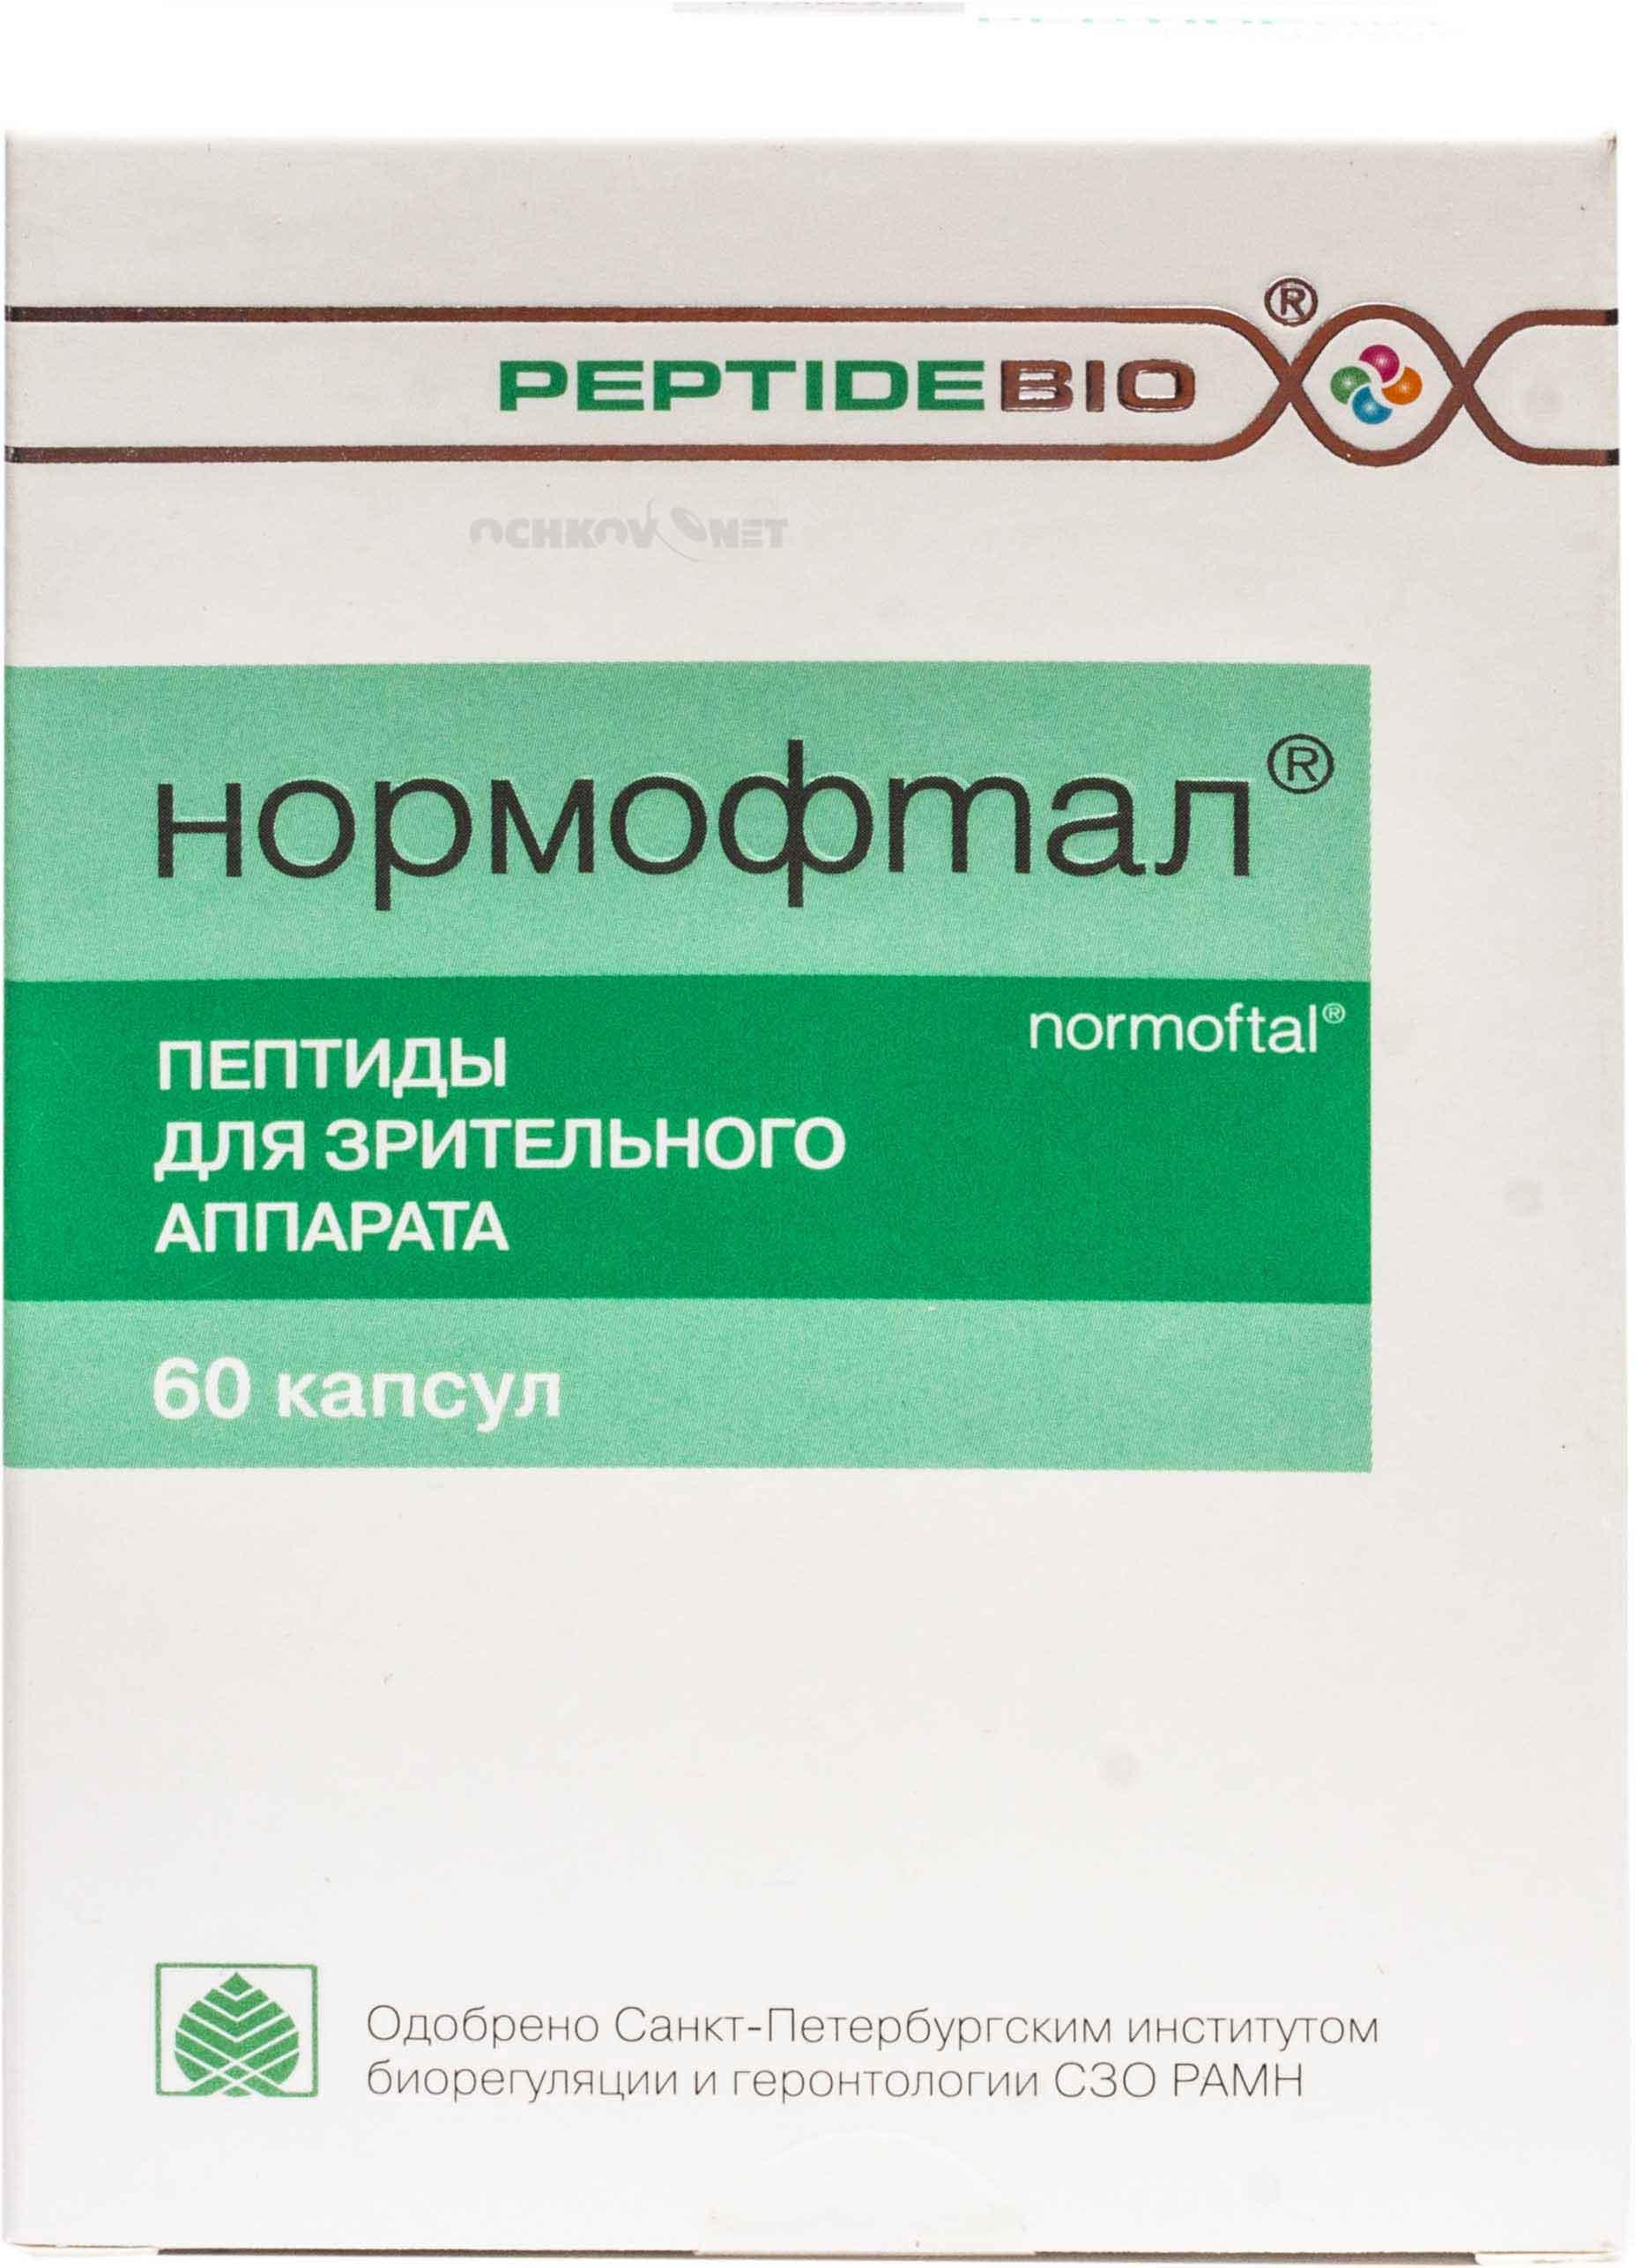 Нормофтал витамины для глаз: инструкция, отзывы, цена, аналоги